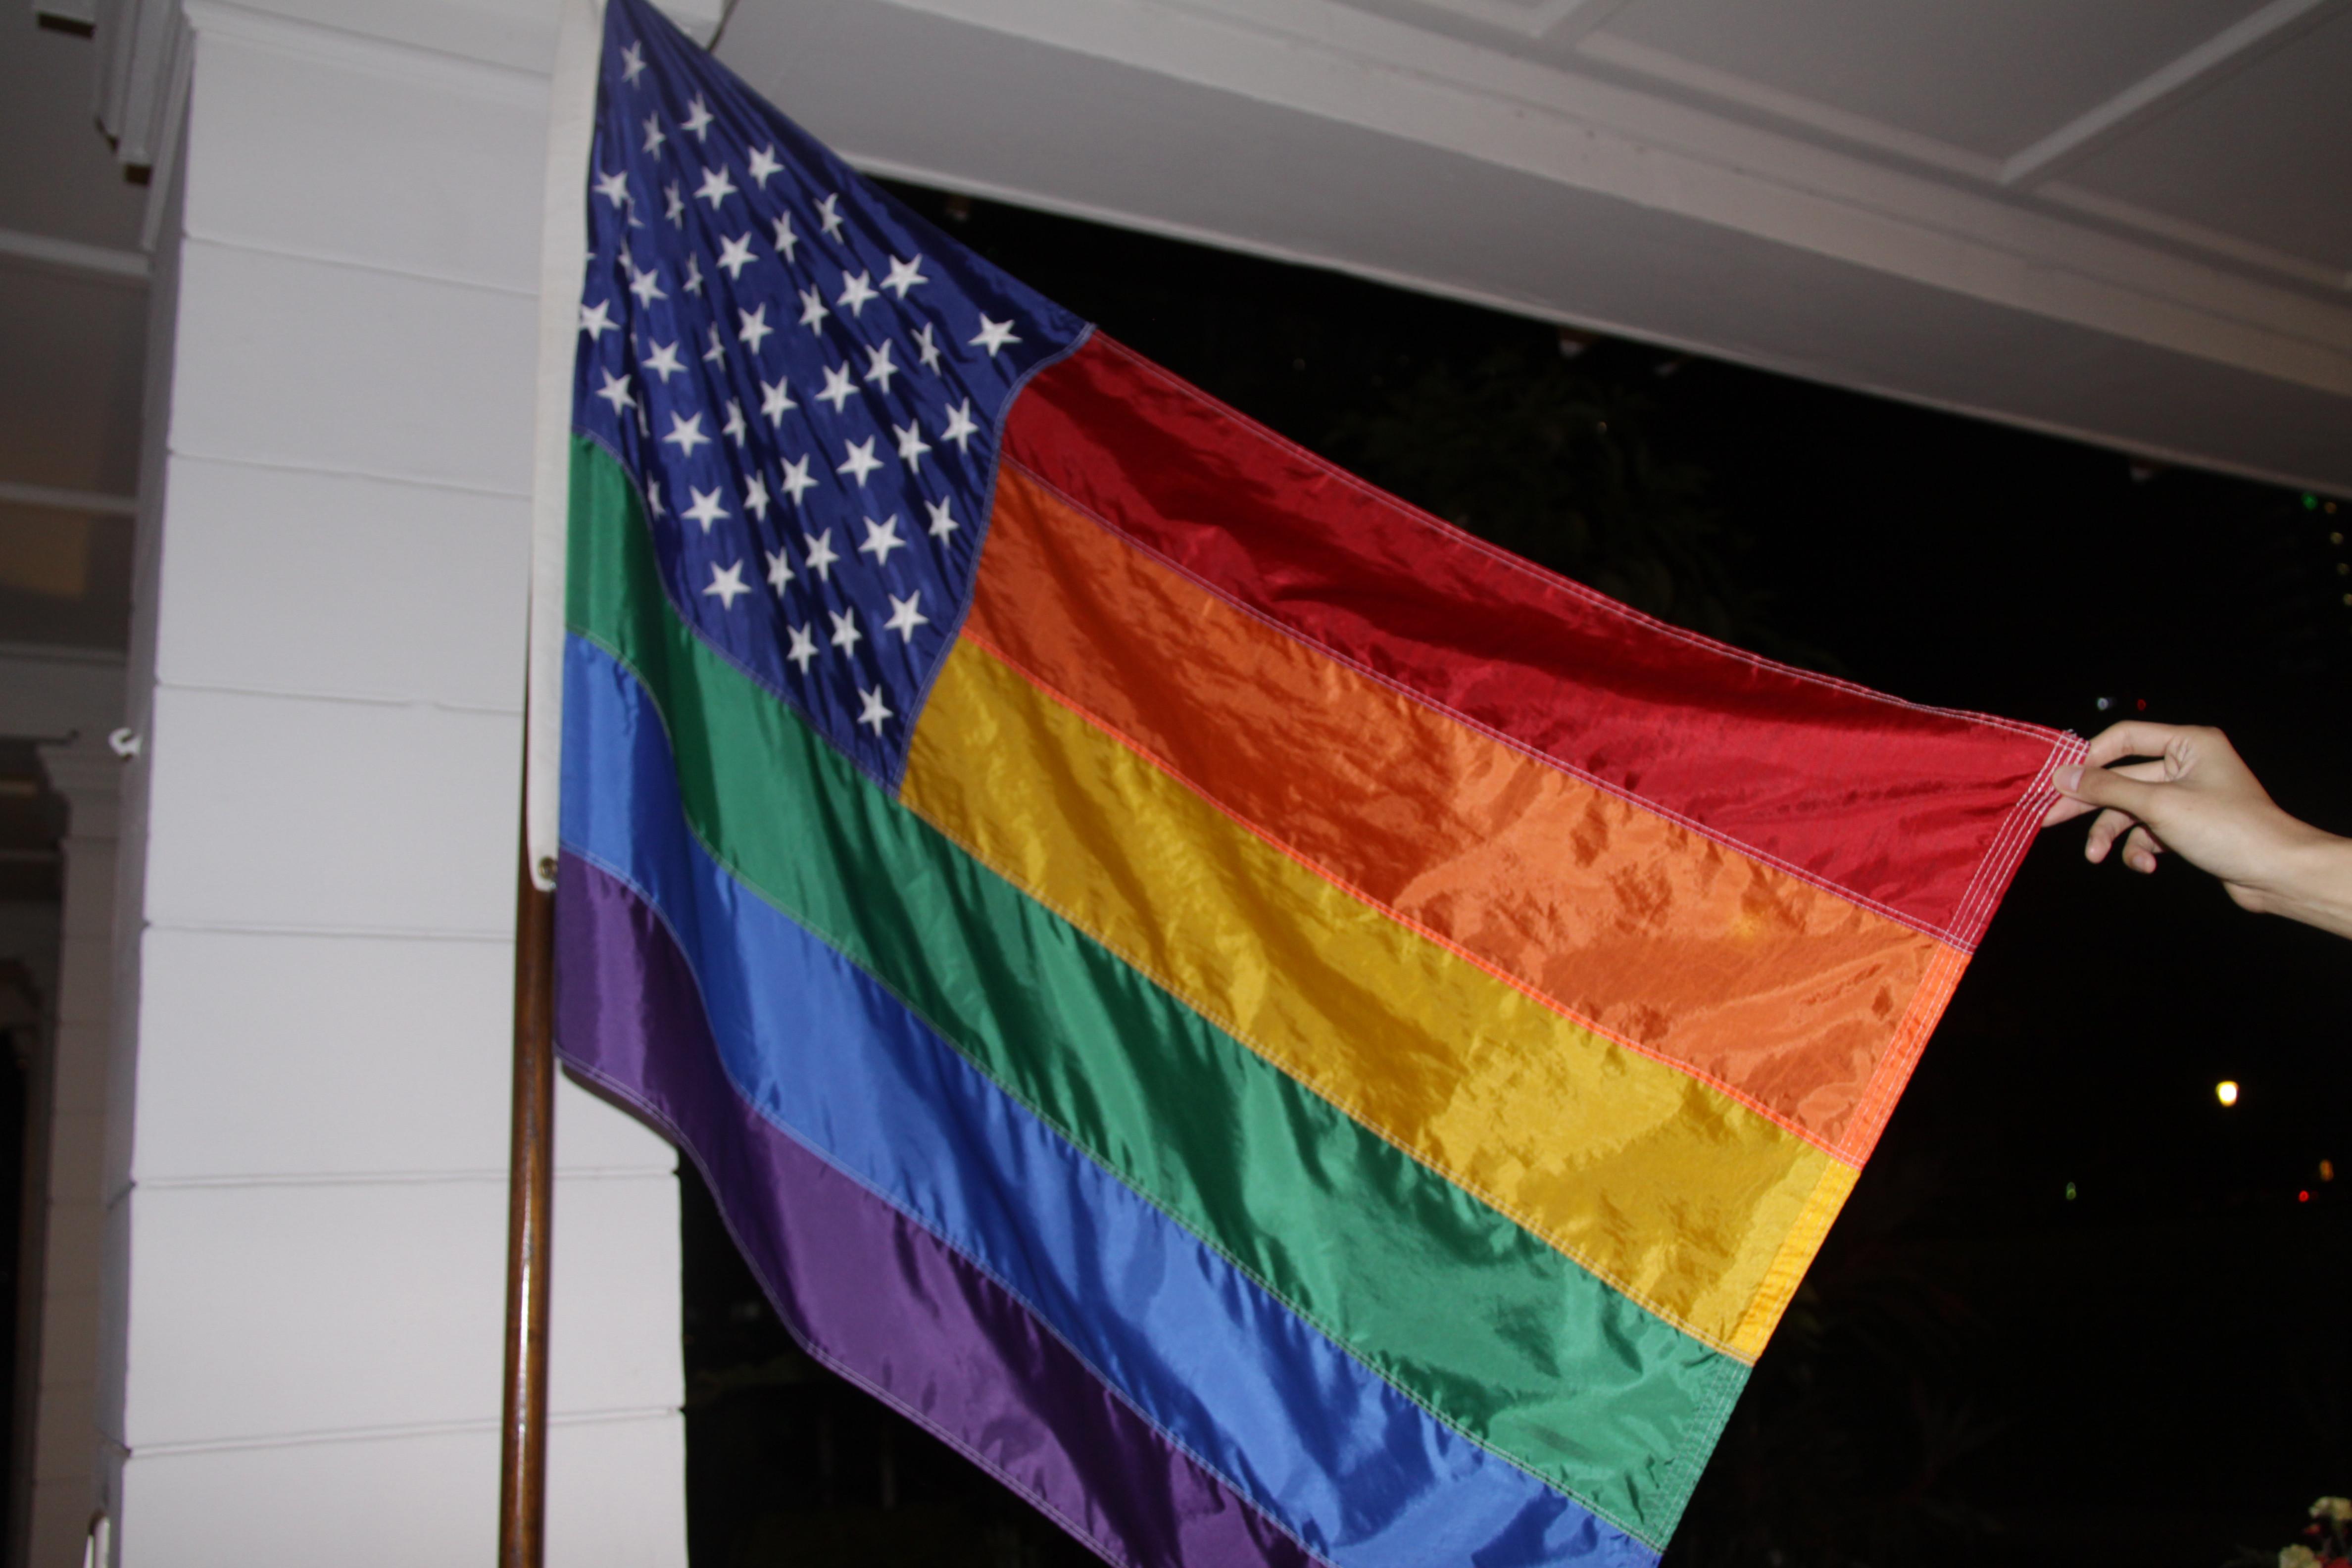 ความคิดเห็นของกลุ่ม LGBTQ+ ต่อนโยบายของรัฐบาล 'ไบเดน' ช่วง 100 วันแรก